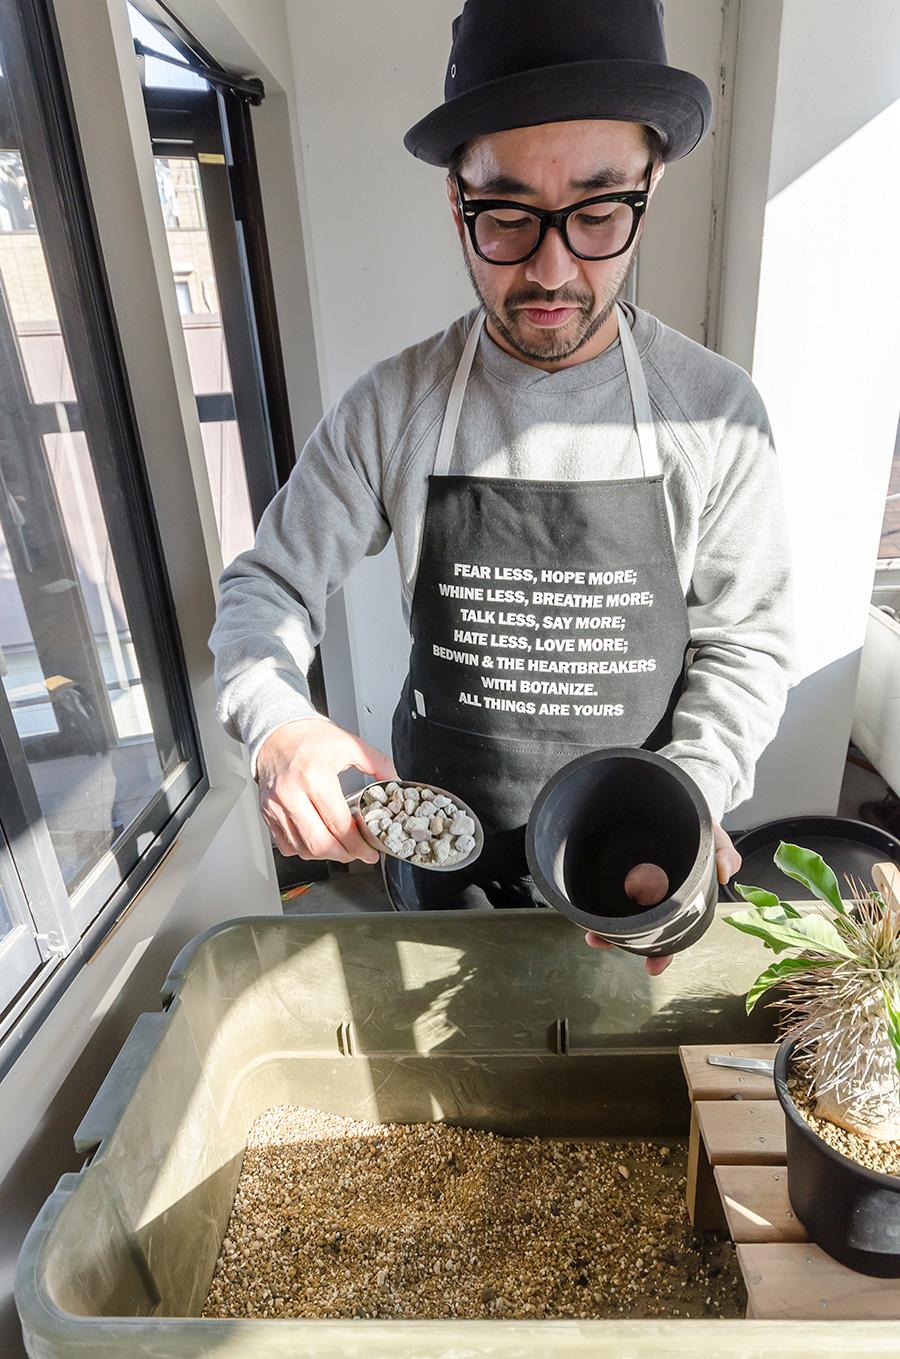 店内でコーデックスと鉢をセレクトし、土と合わせてアレンジしてもらうことも。